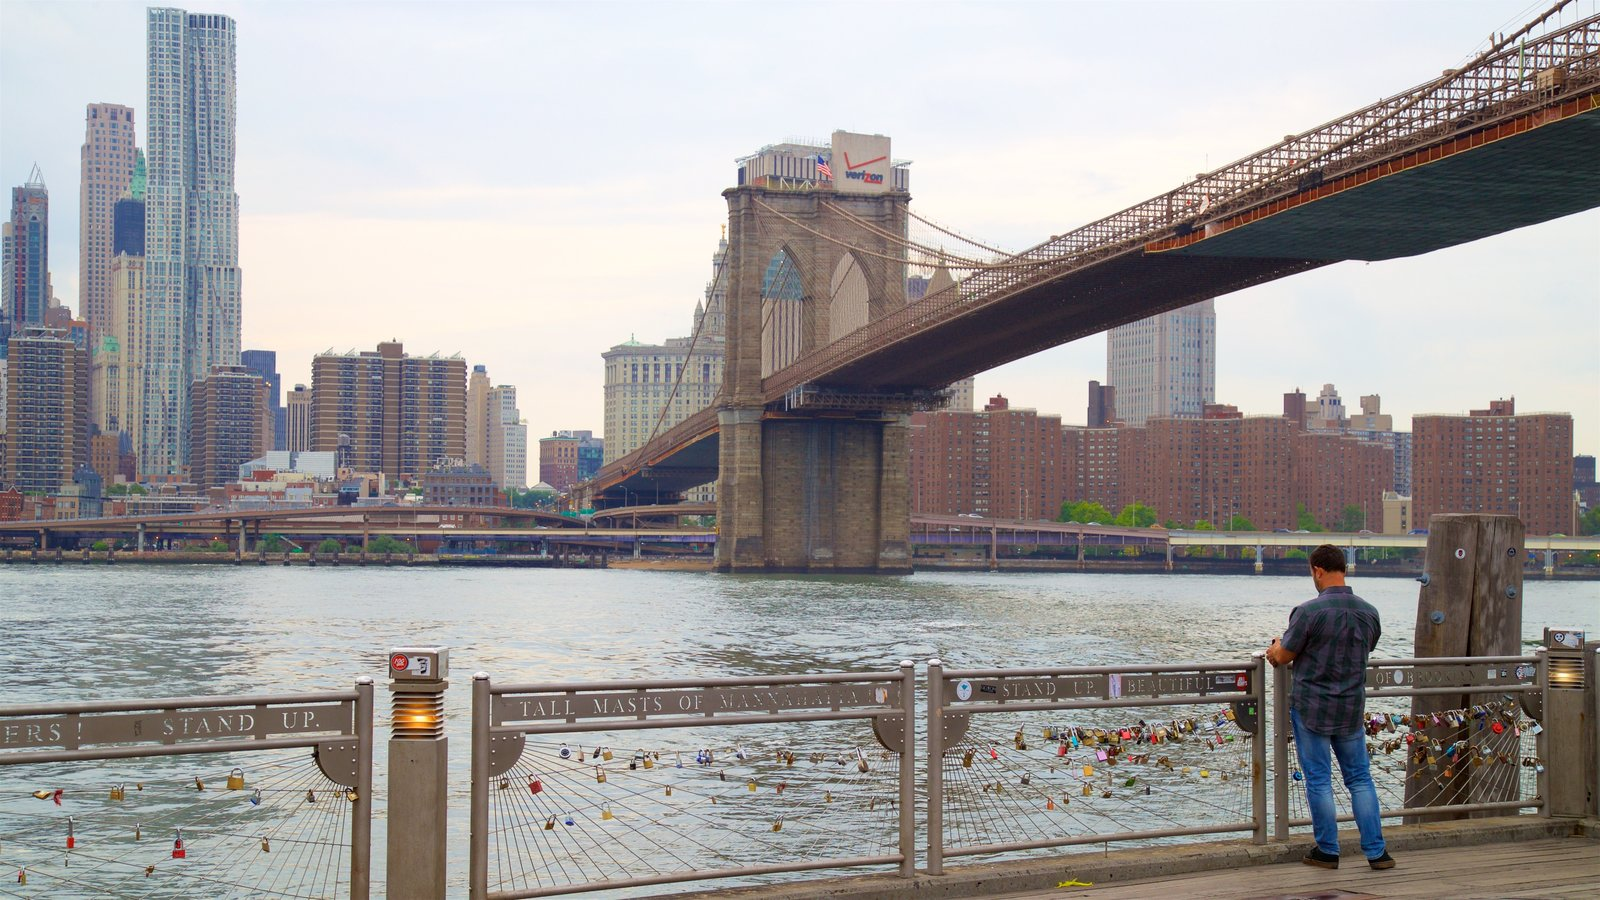 Brooklyn Heights Promenade caracterizando uma cidade, uma ponte e um rio ou córrego